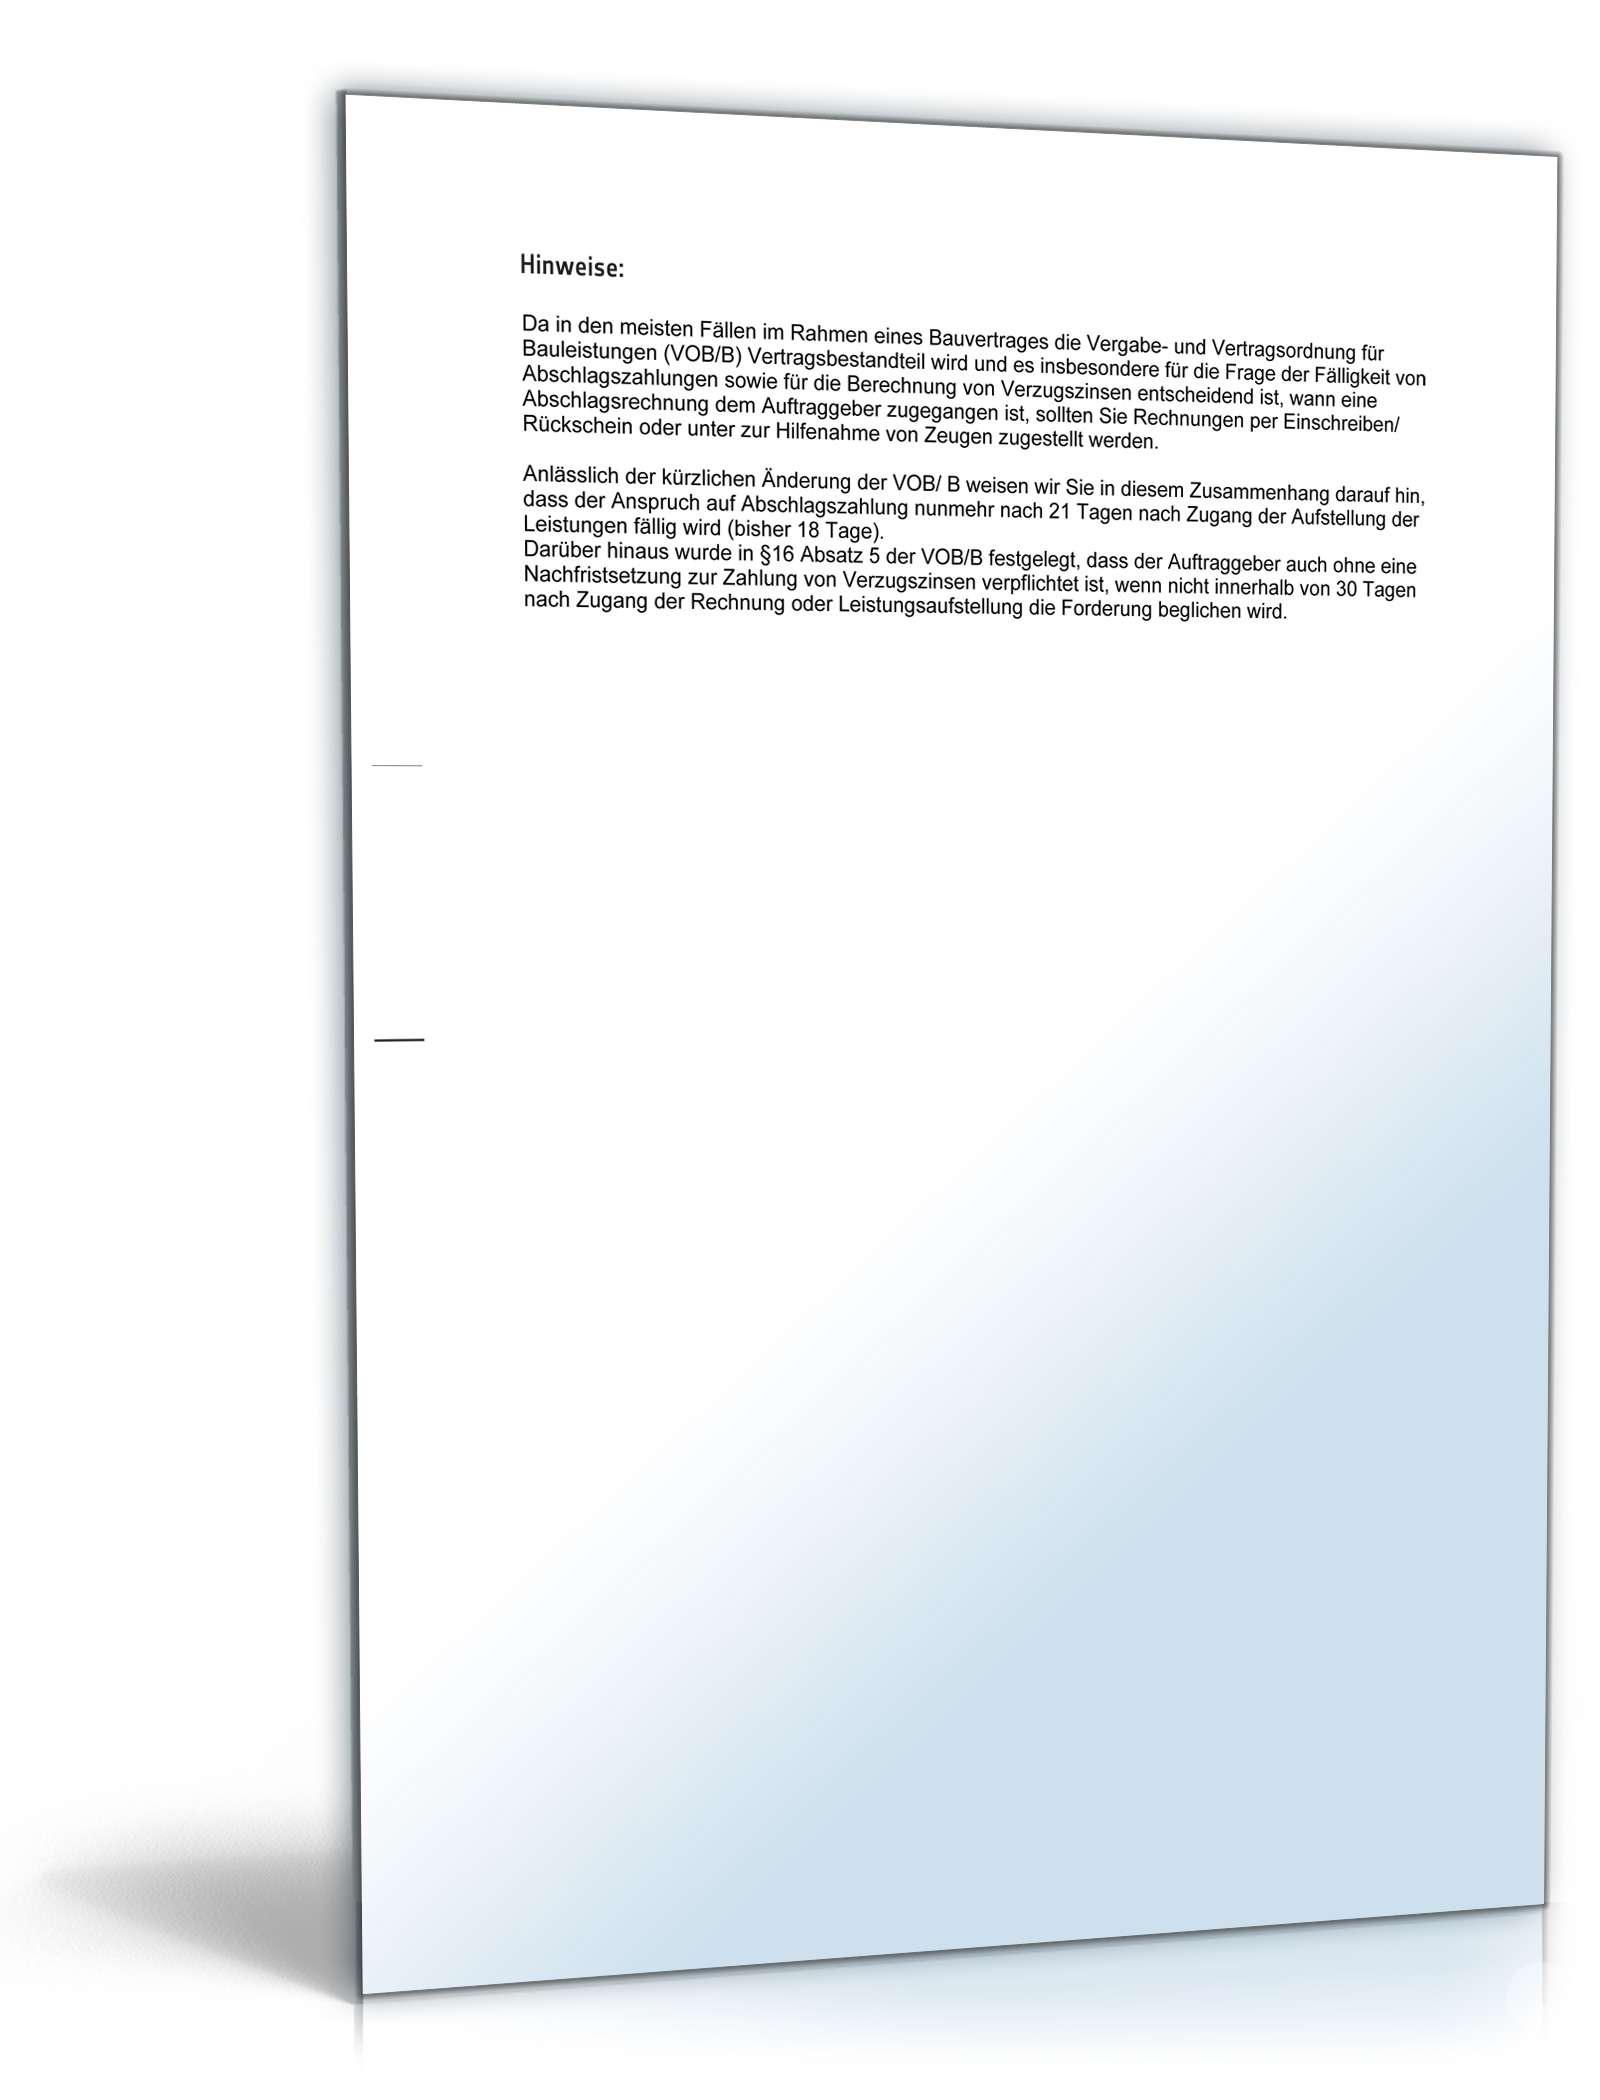 Mahnung Zahlungsverzug Verpflichtung Abschlagszahlung